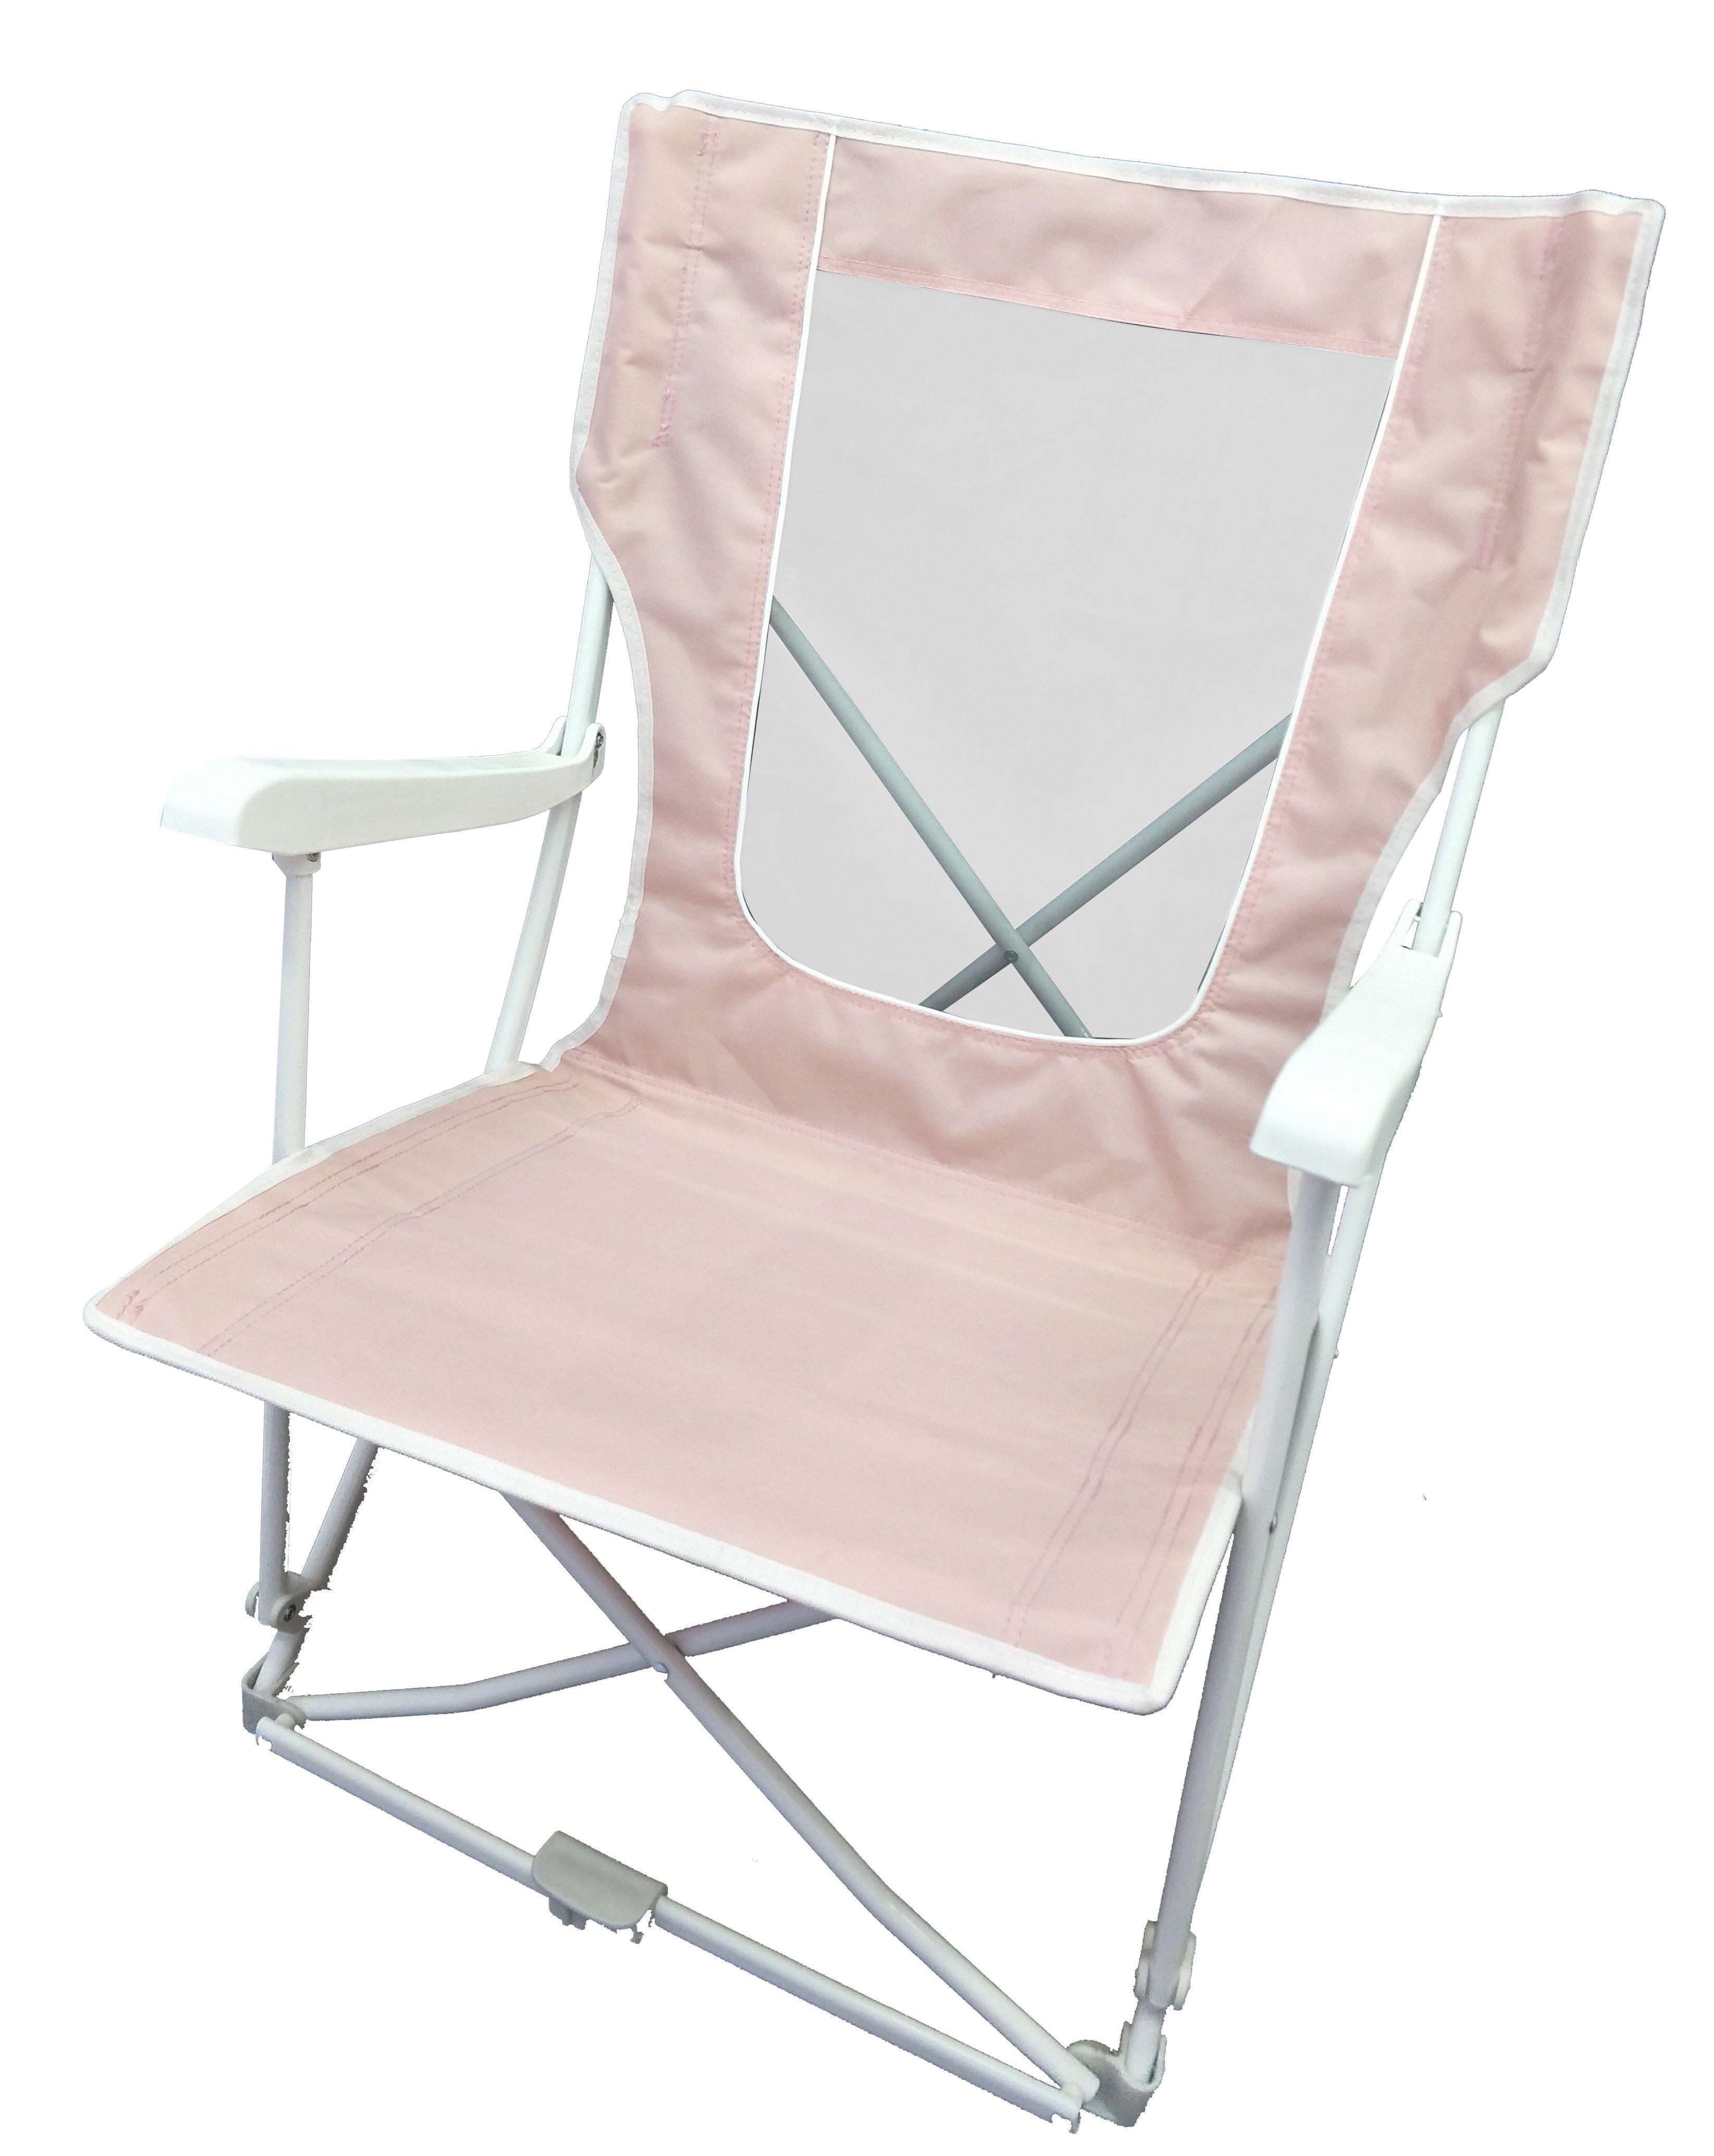 Brilliant Mainstays Beach Arm Chair Walmart Inventory Checker Unemploymentrelief Wooden Chair Designs For Living Room Unemploymentrelieforg